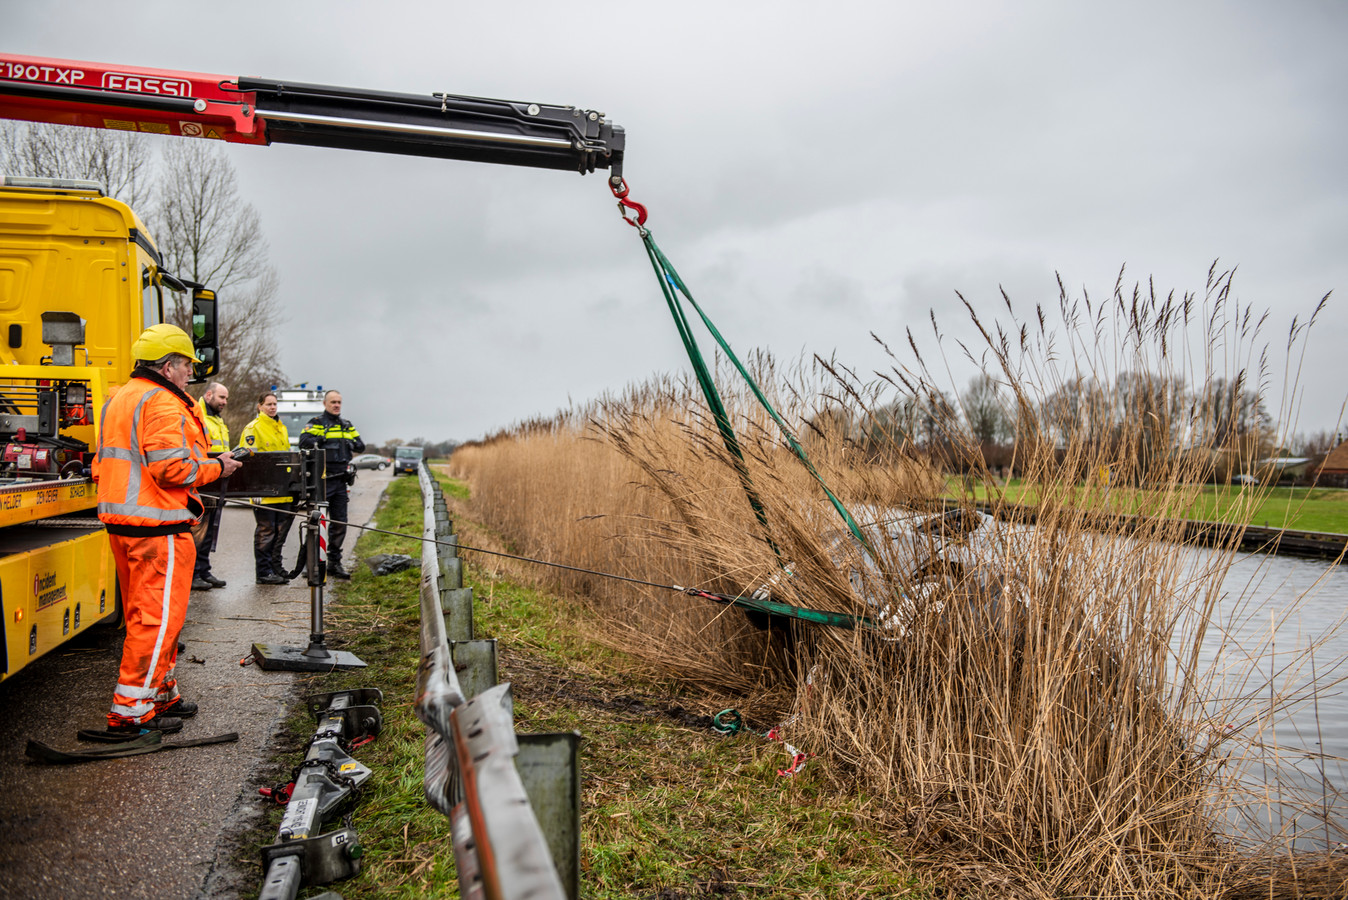 Vier mensen zijn overleden nadat de auto waarin zij zaten, te water was geraakt in het Noord-Hollandse Obdam. Hoe het ongeluk kon gebeuren, is nog niet duidelijk.